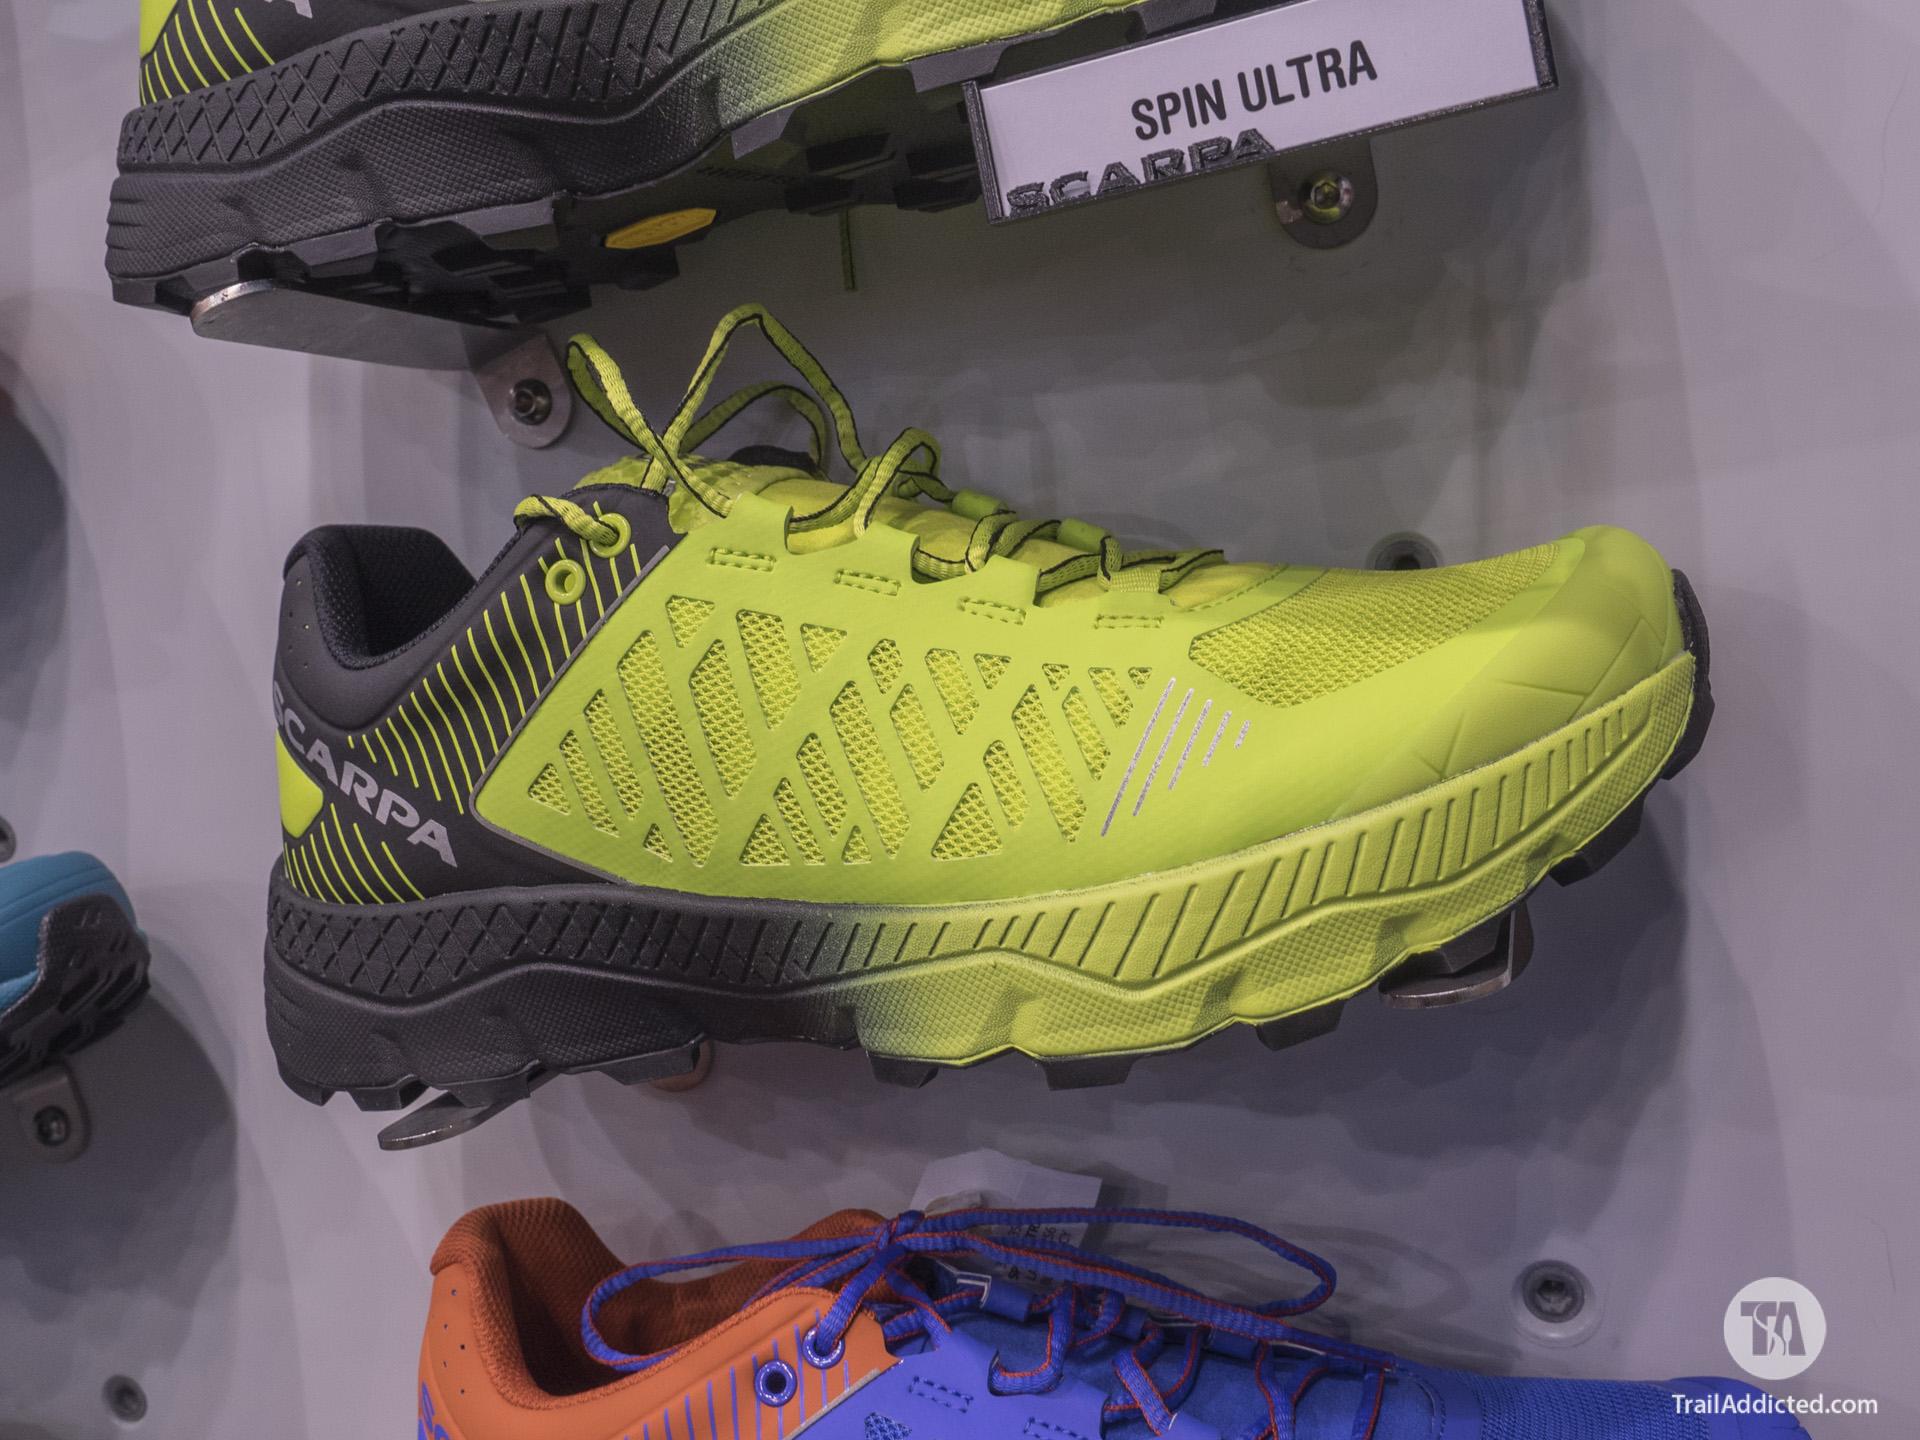 SCARPA Spin Uomo Trail Running